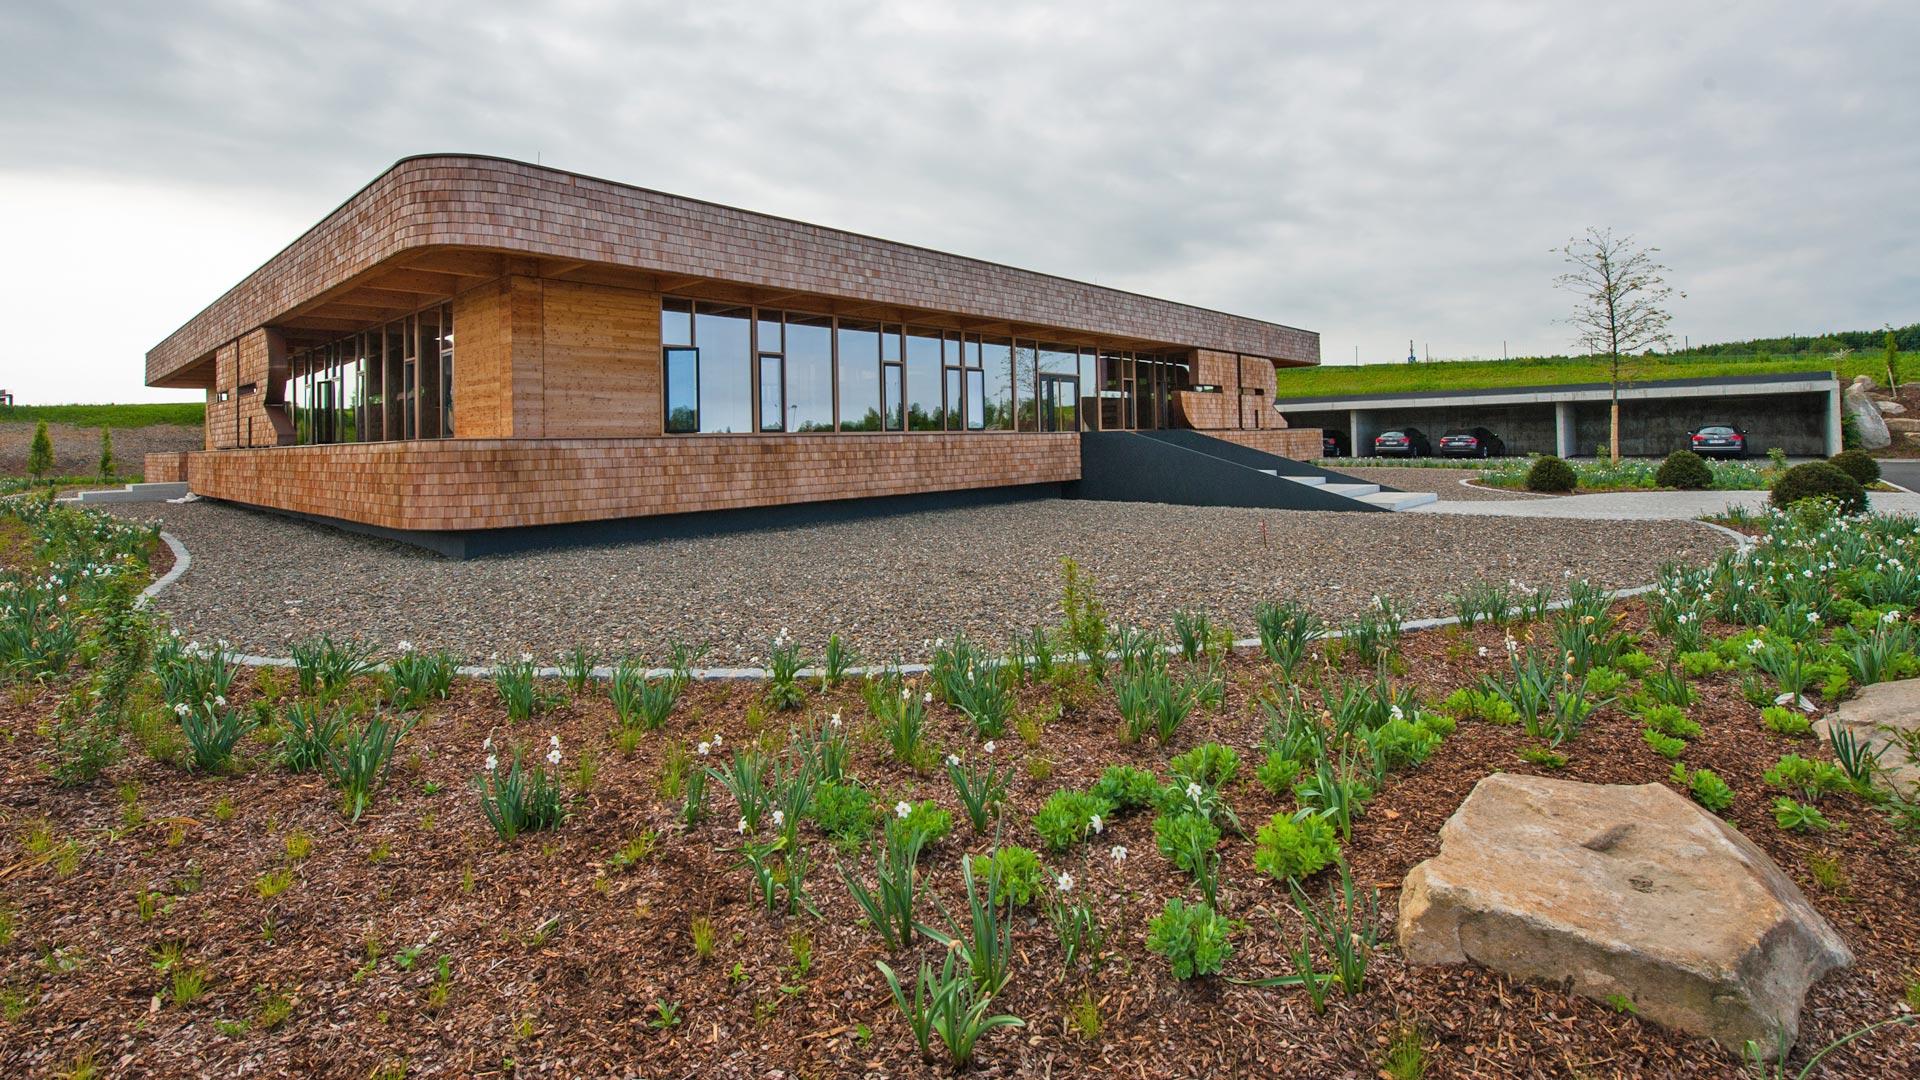 Firmengebäude mit Gestaltung der Außenanlagen nach Feng Shui und Geomantie durch das Architekturbüro atelier8 in Frankfurt